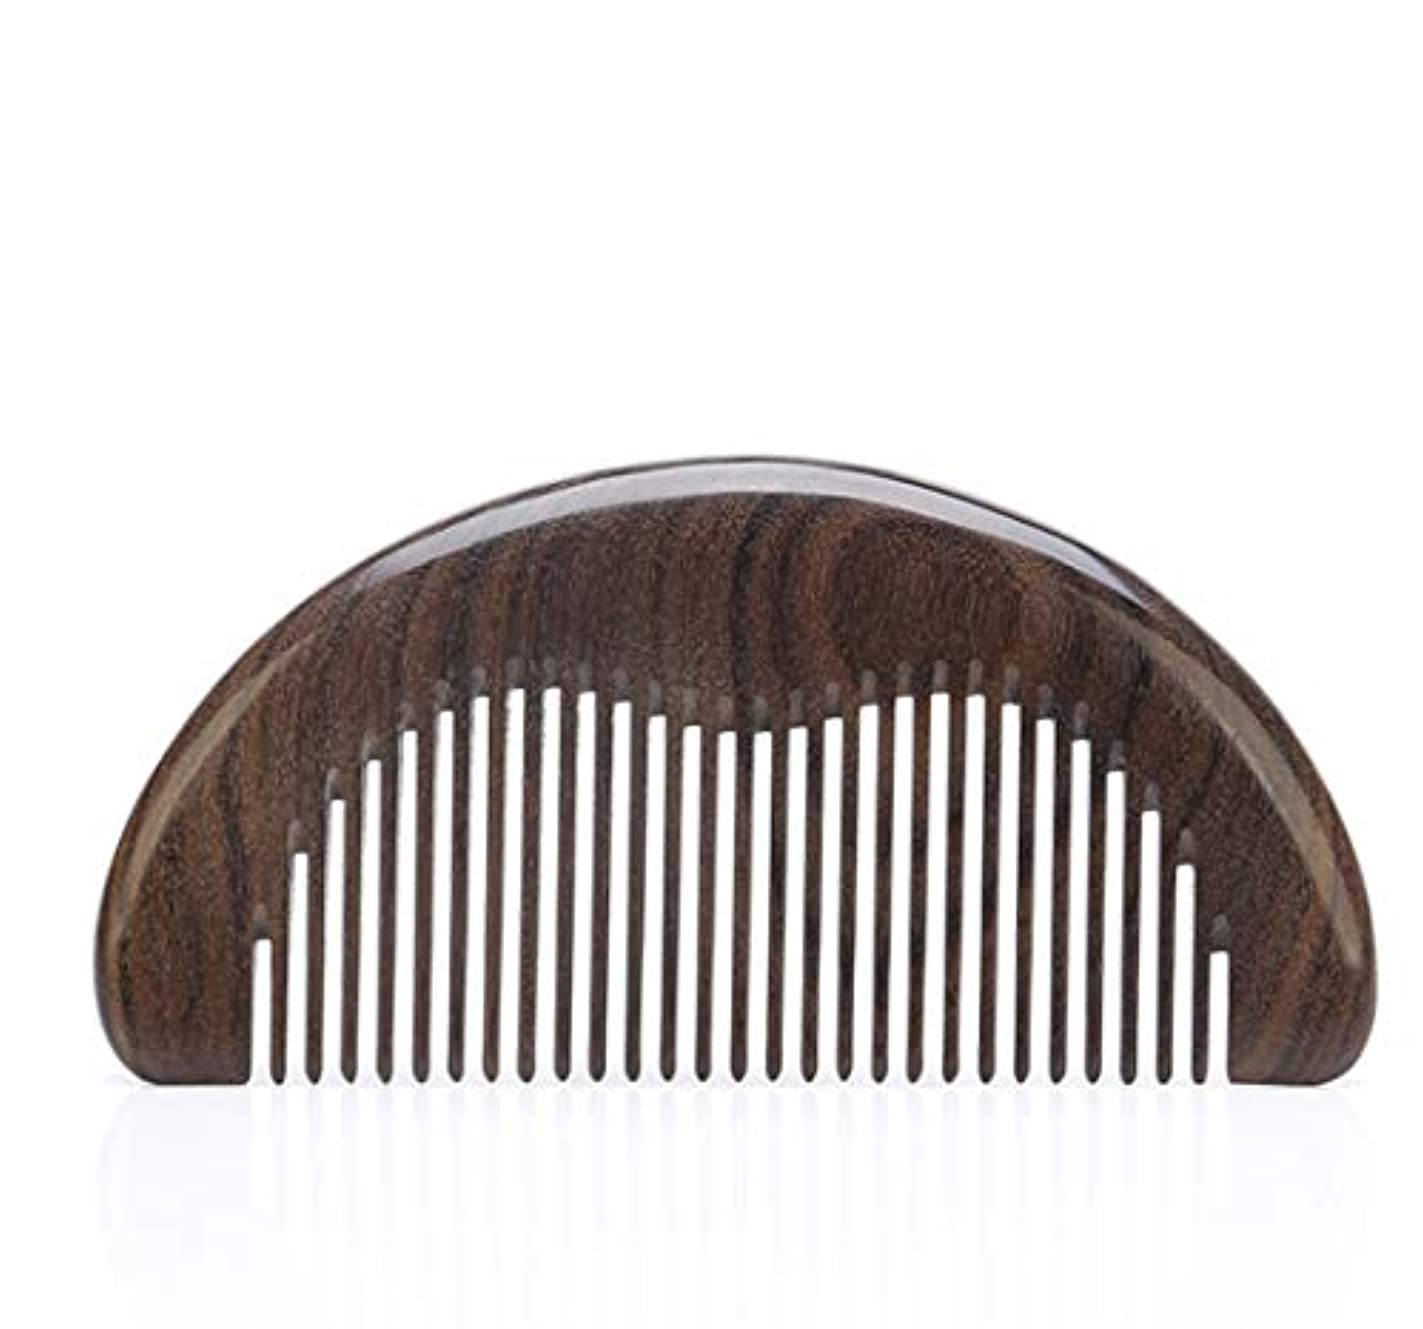 見捨てられたバングラデシュ謎めいた大密度の歯の櫛は、ヘアブラシを傷つけないでください Peisui (色 : A)